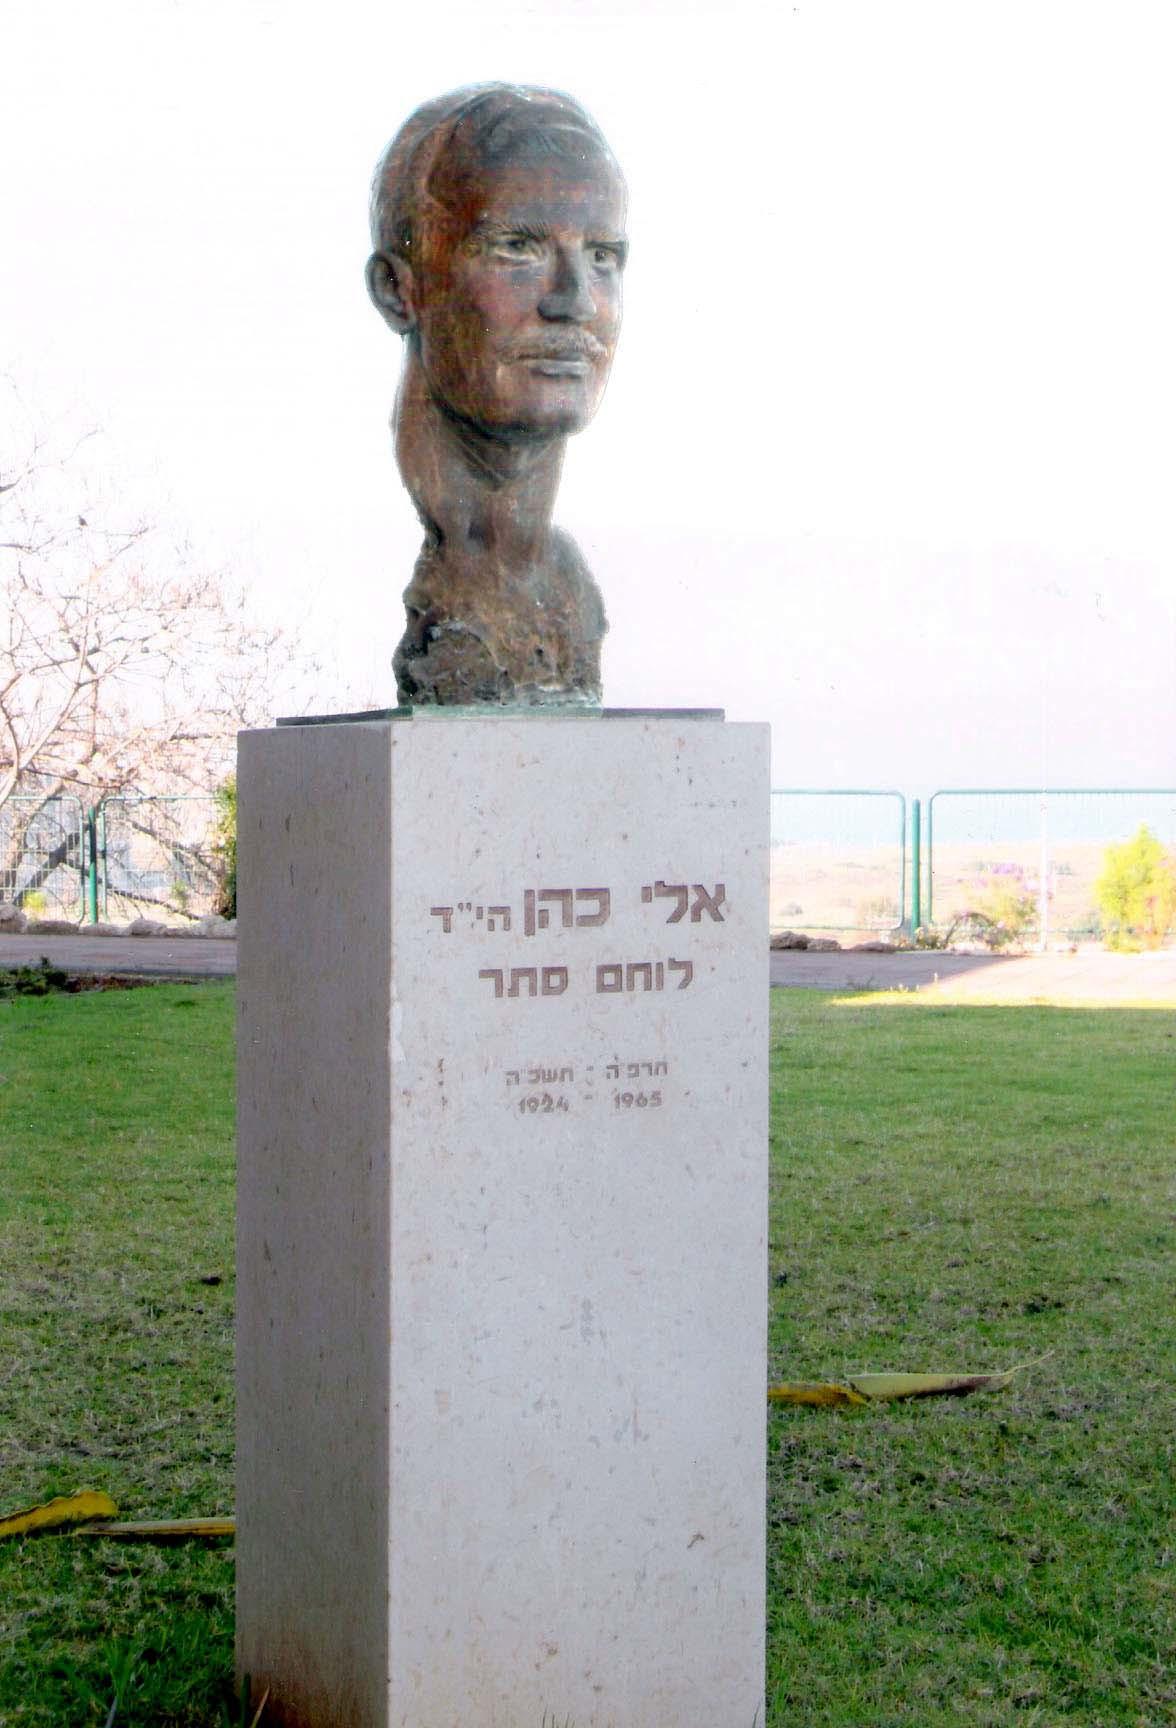 פסל לזכרו של אלי כהן במוסד